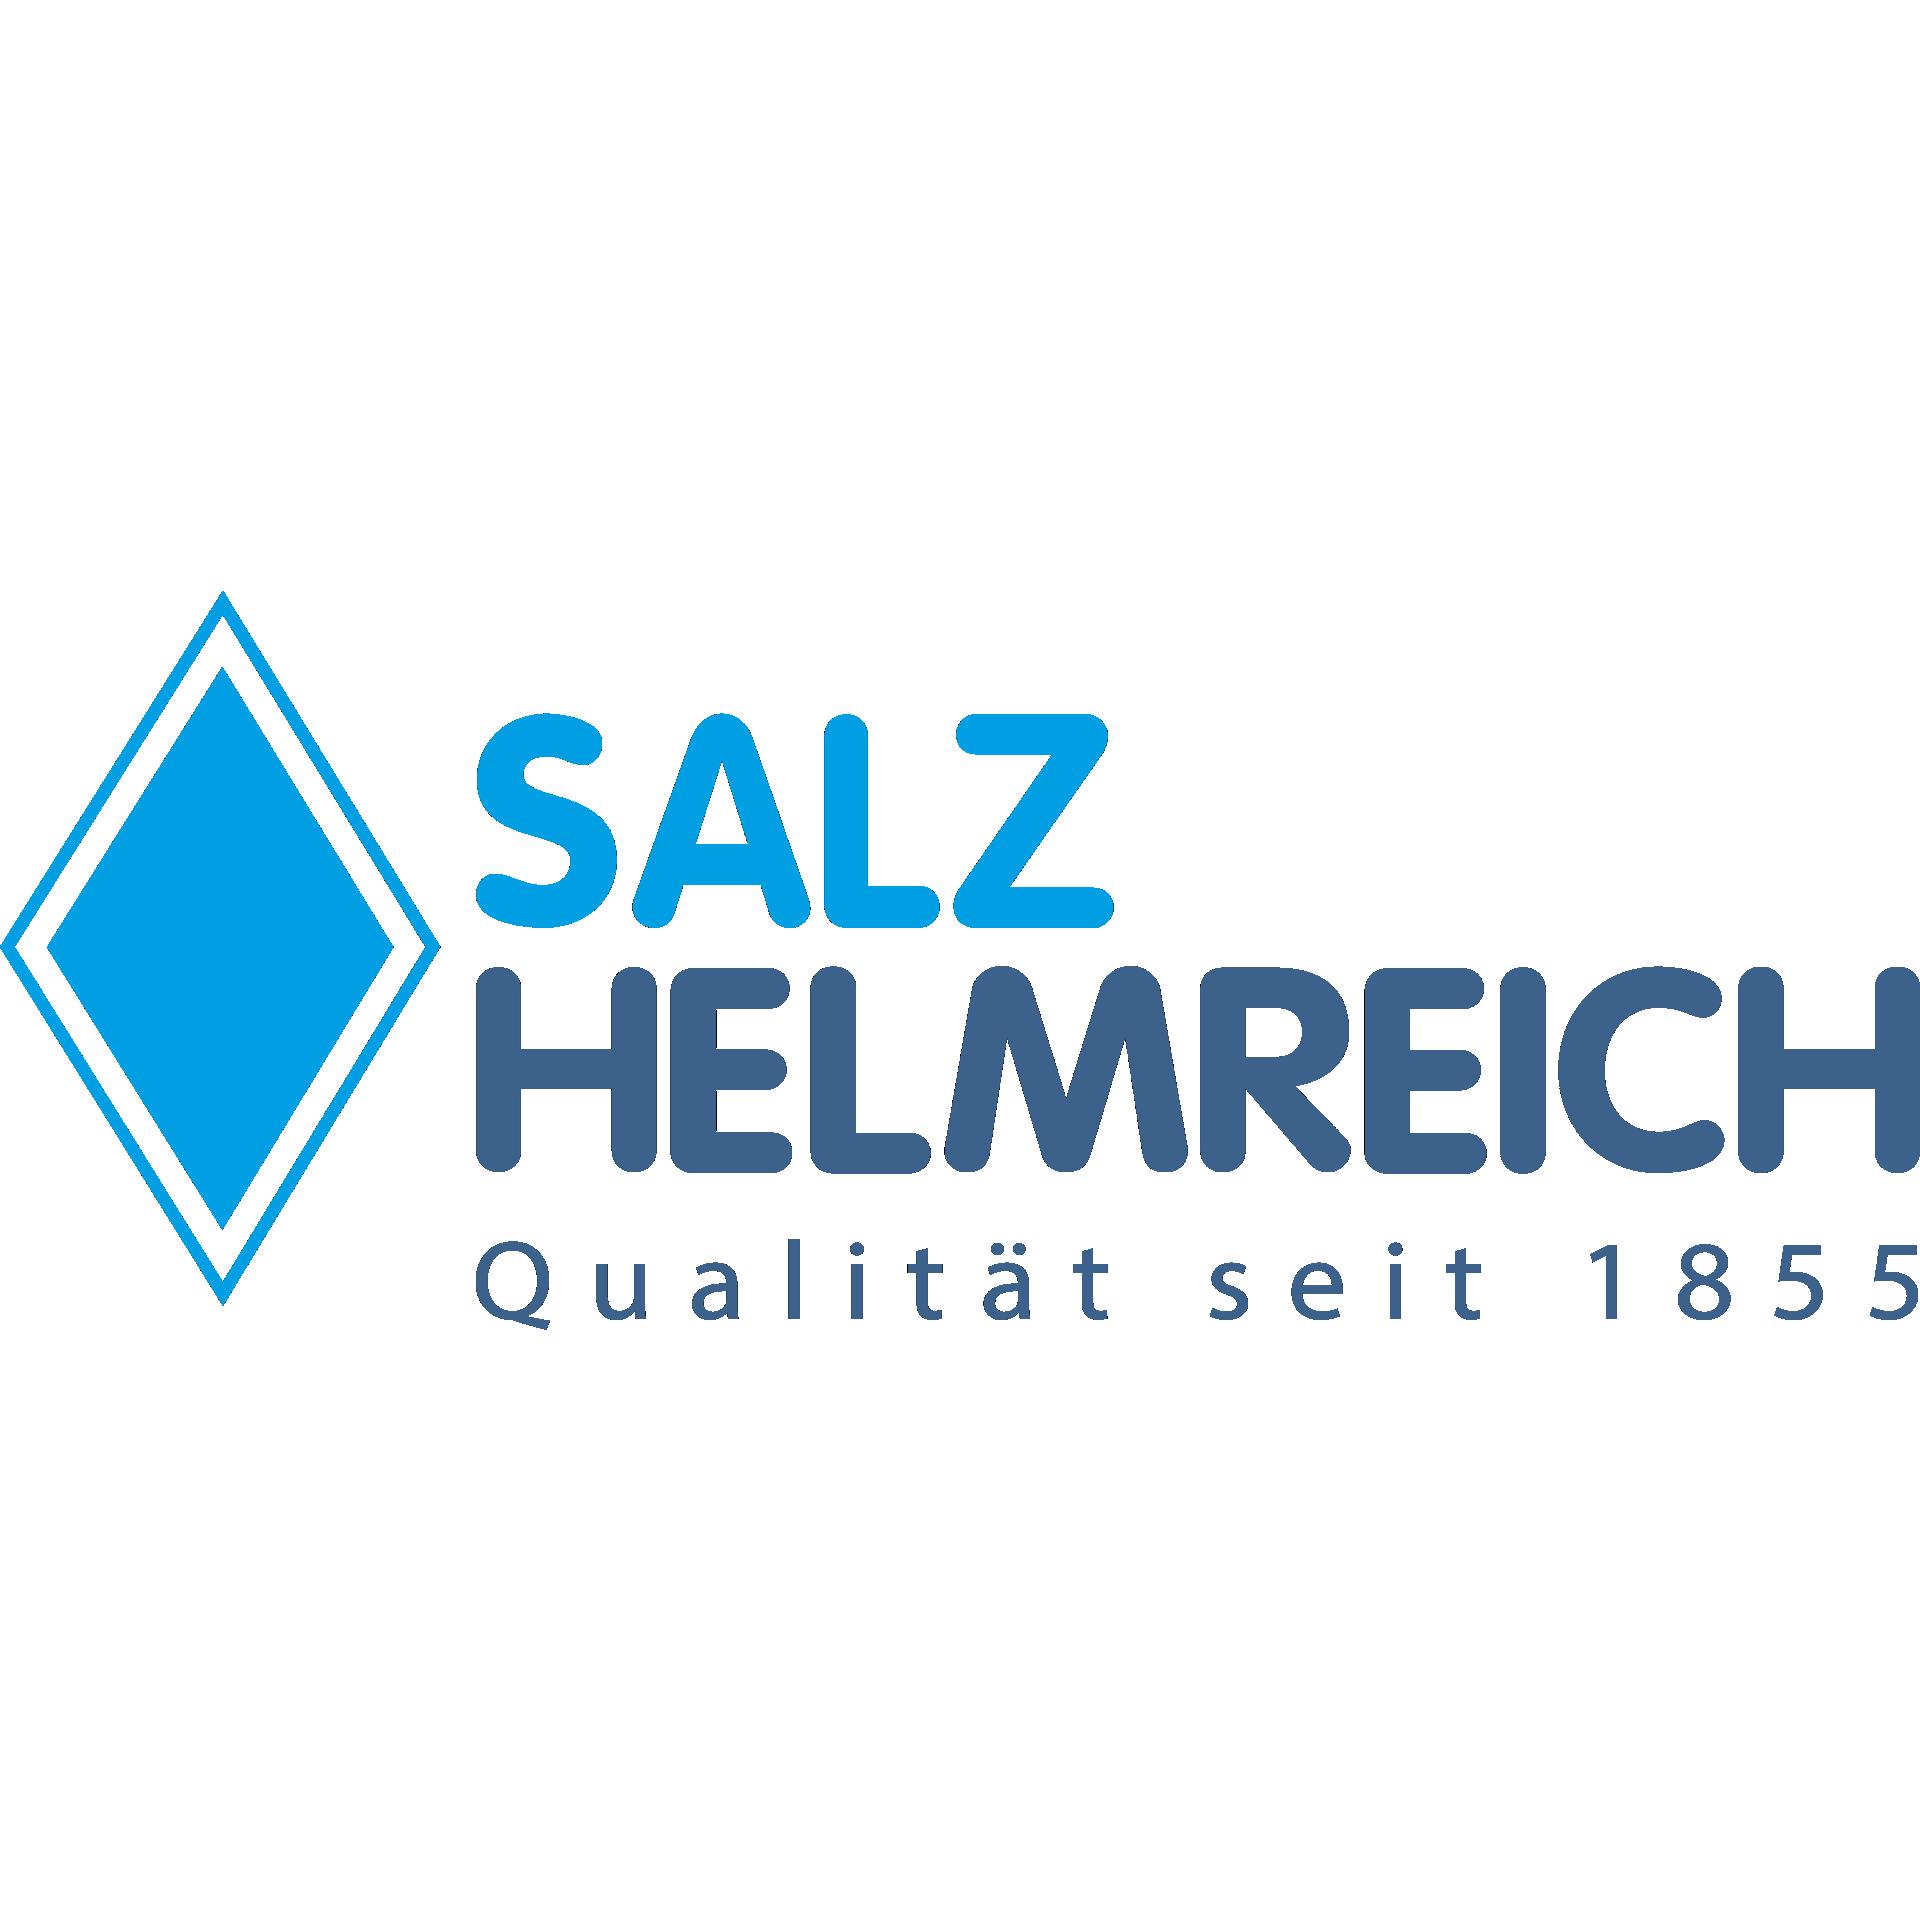 Poolsalz (Chlorinator-u.Salzanlagen geeignet) grobes naturreines Meersalz 99,3%NaCl. aus dem ionischen Meer im 25kg Sack